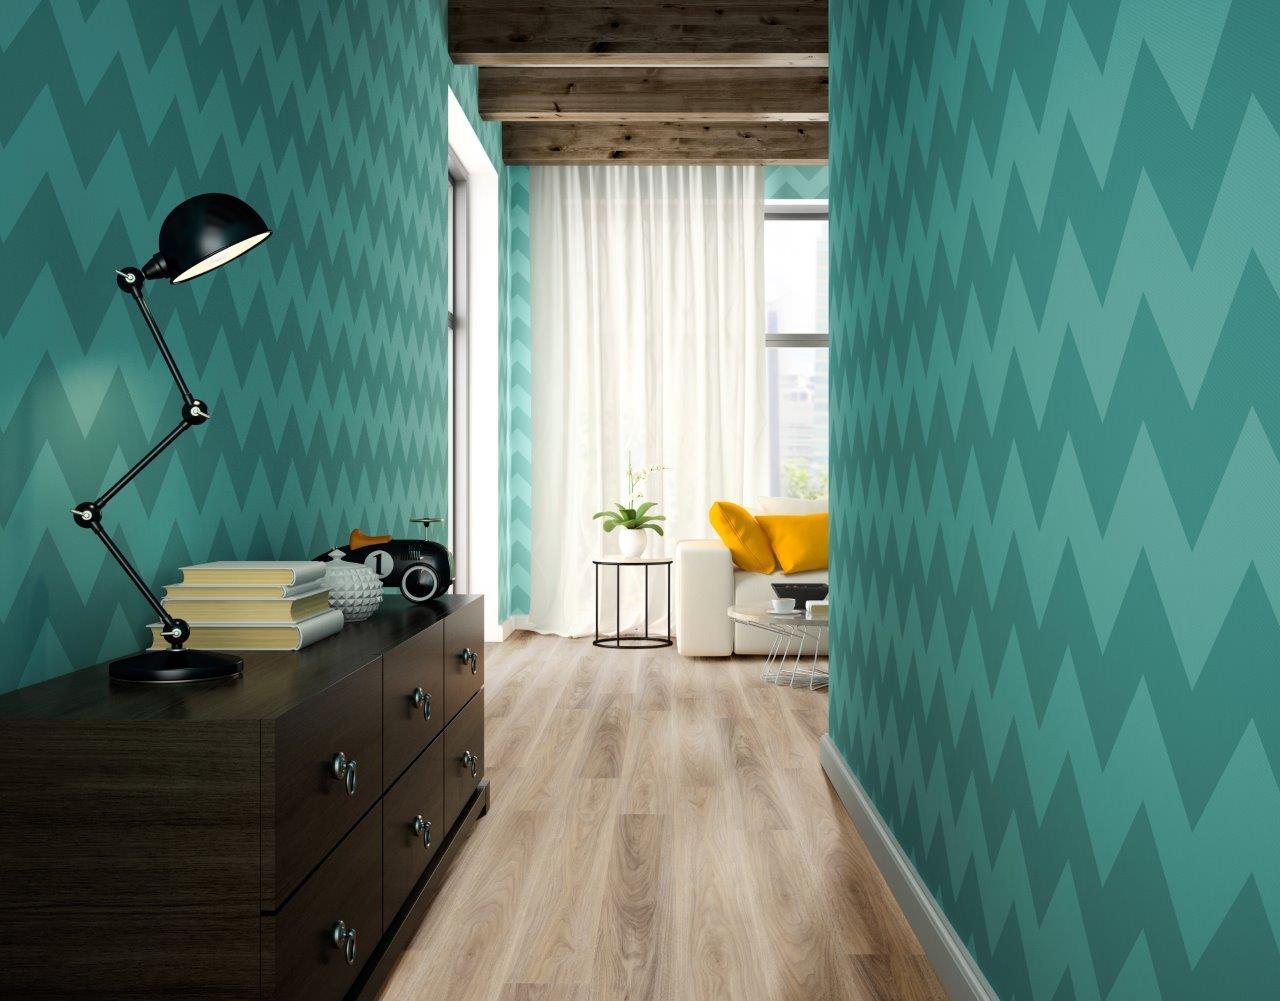 corredor-piso-vinilico-amadeirado (1)